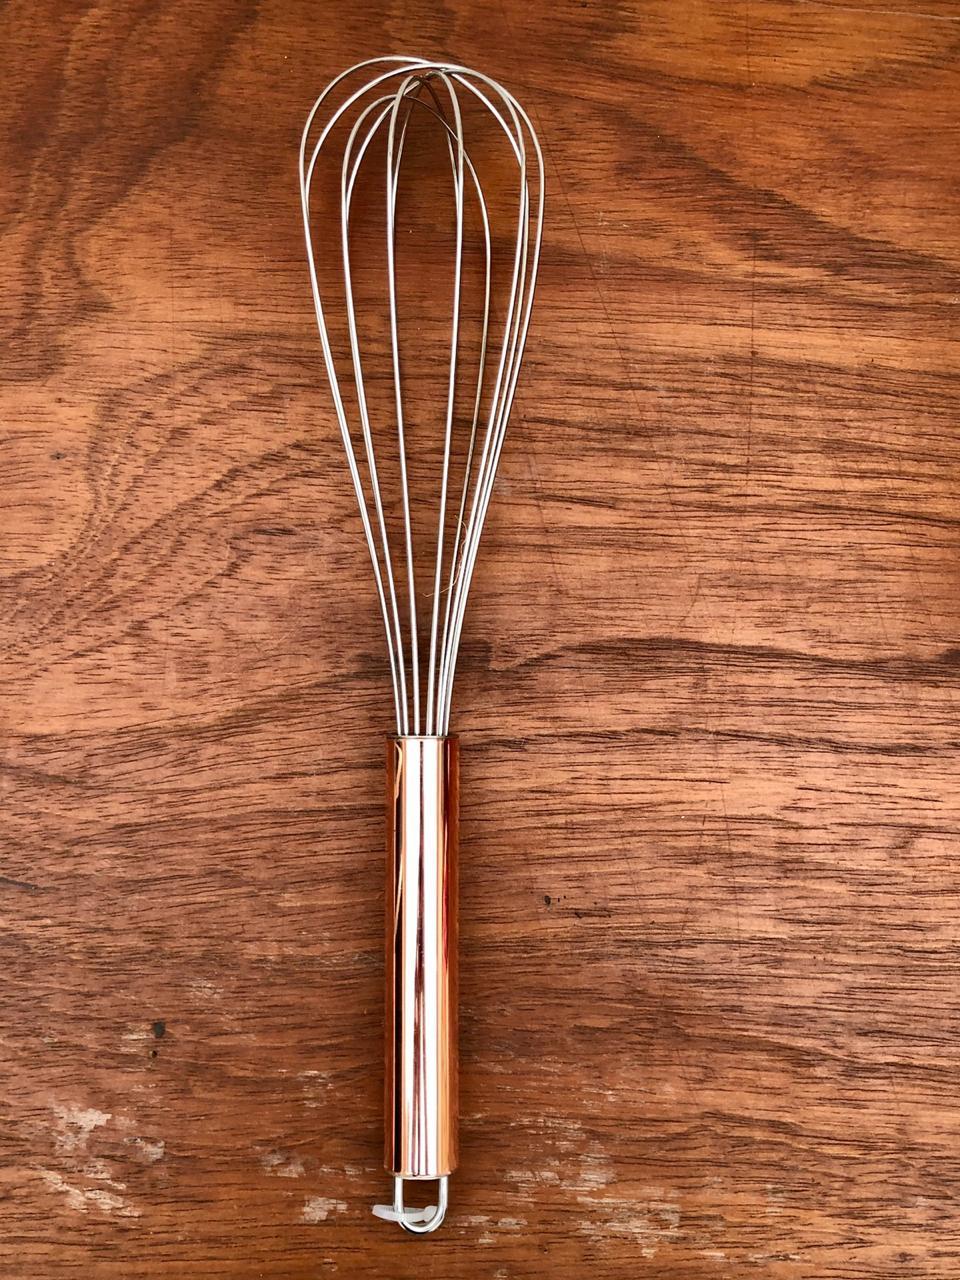 Batedor de ovos fouet rose cobre de aço inox 27 cm MimoStyle